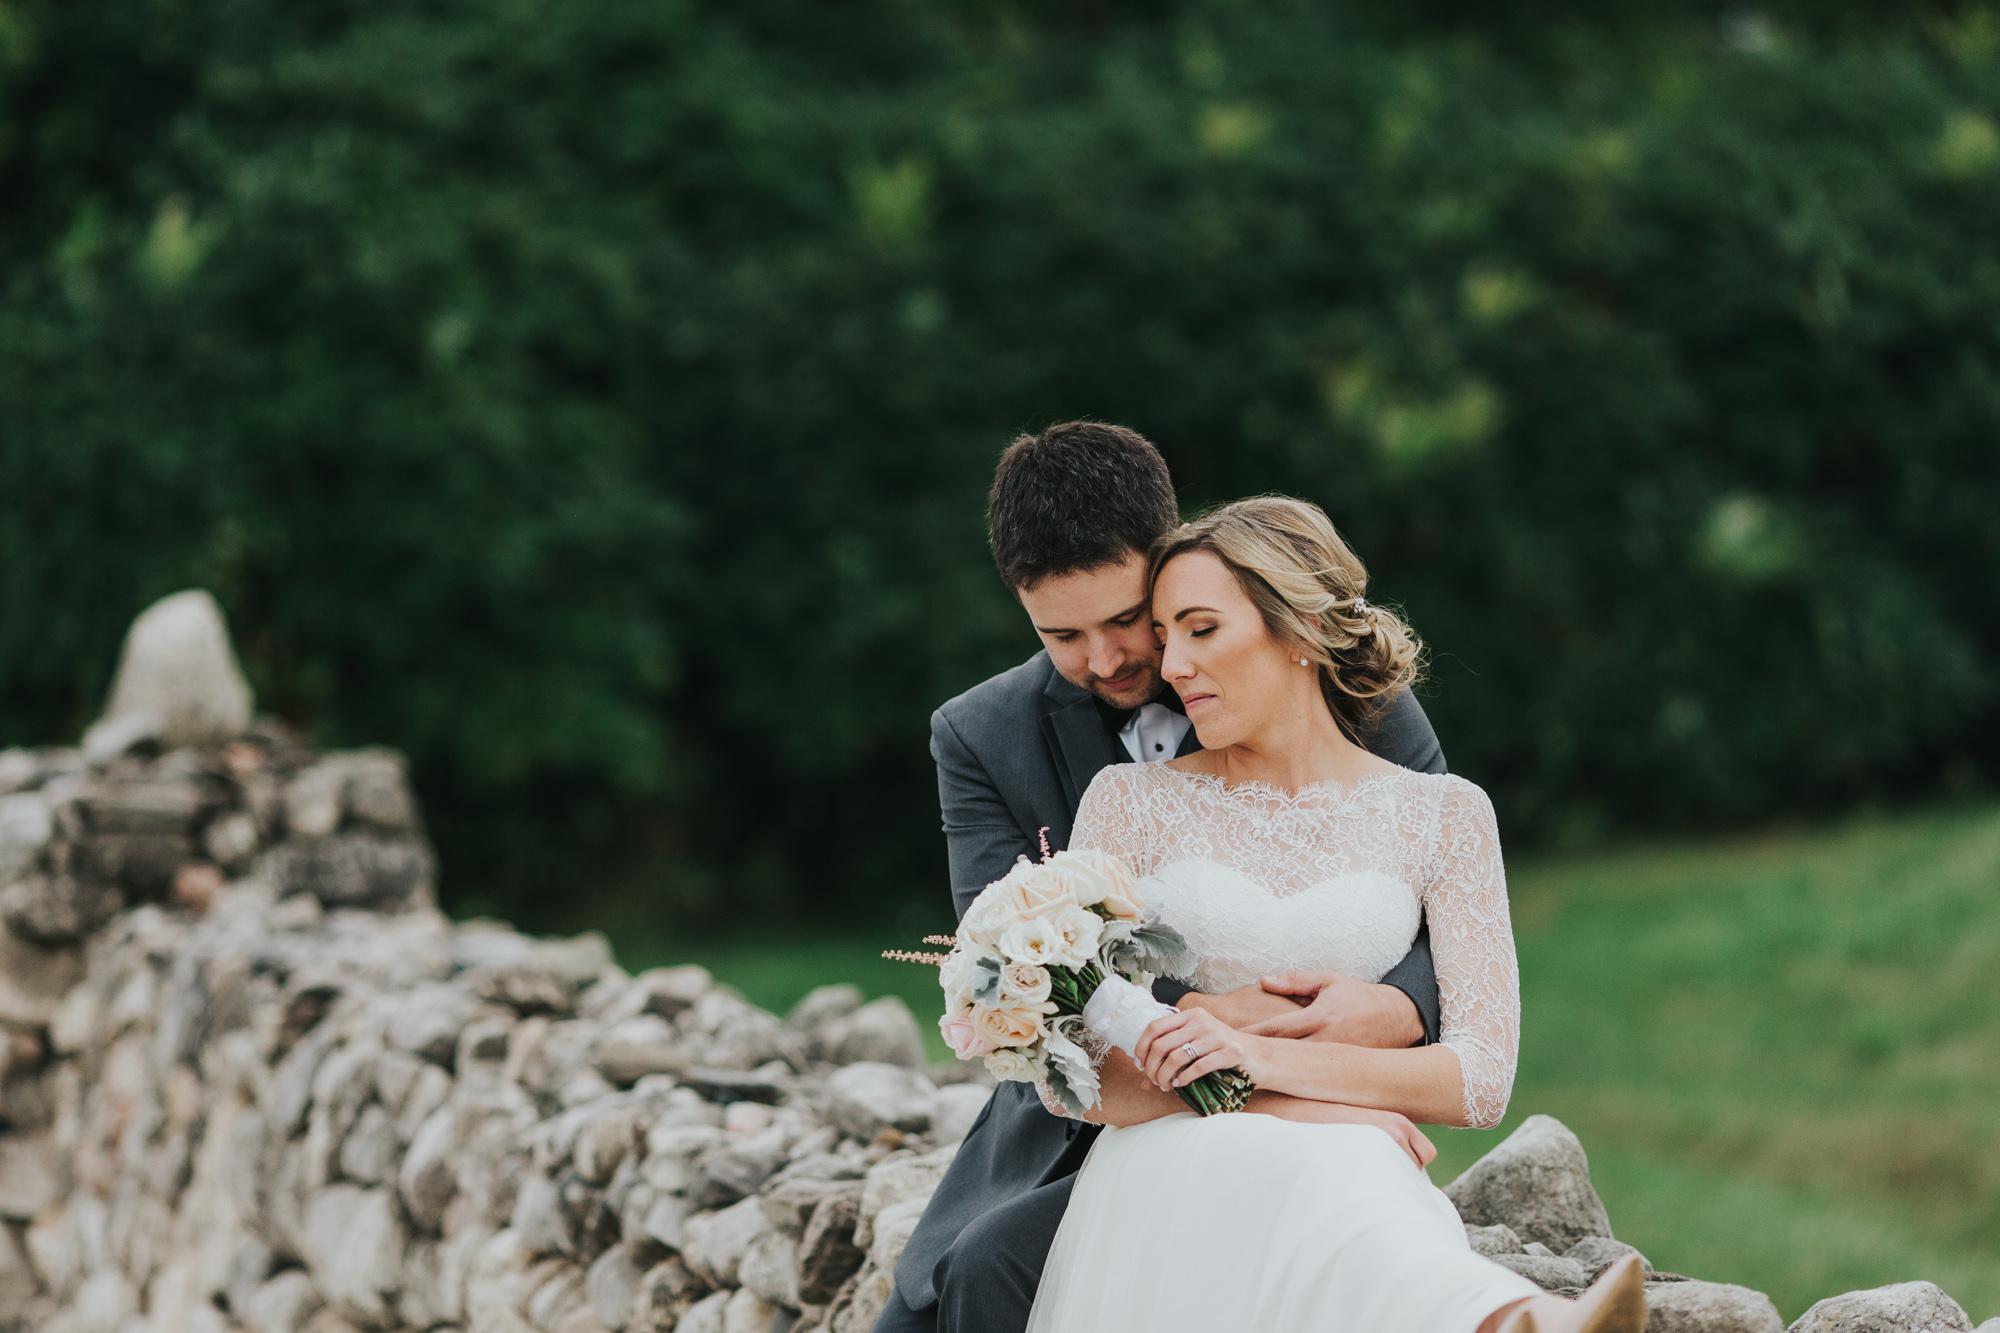 glen-cairn-golf-course-wedding-portrait